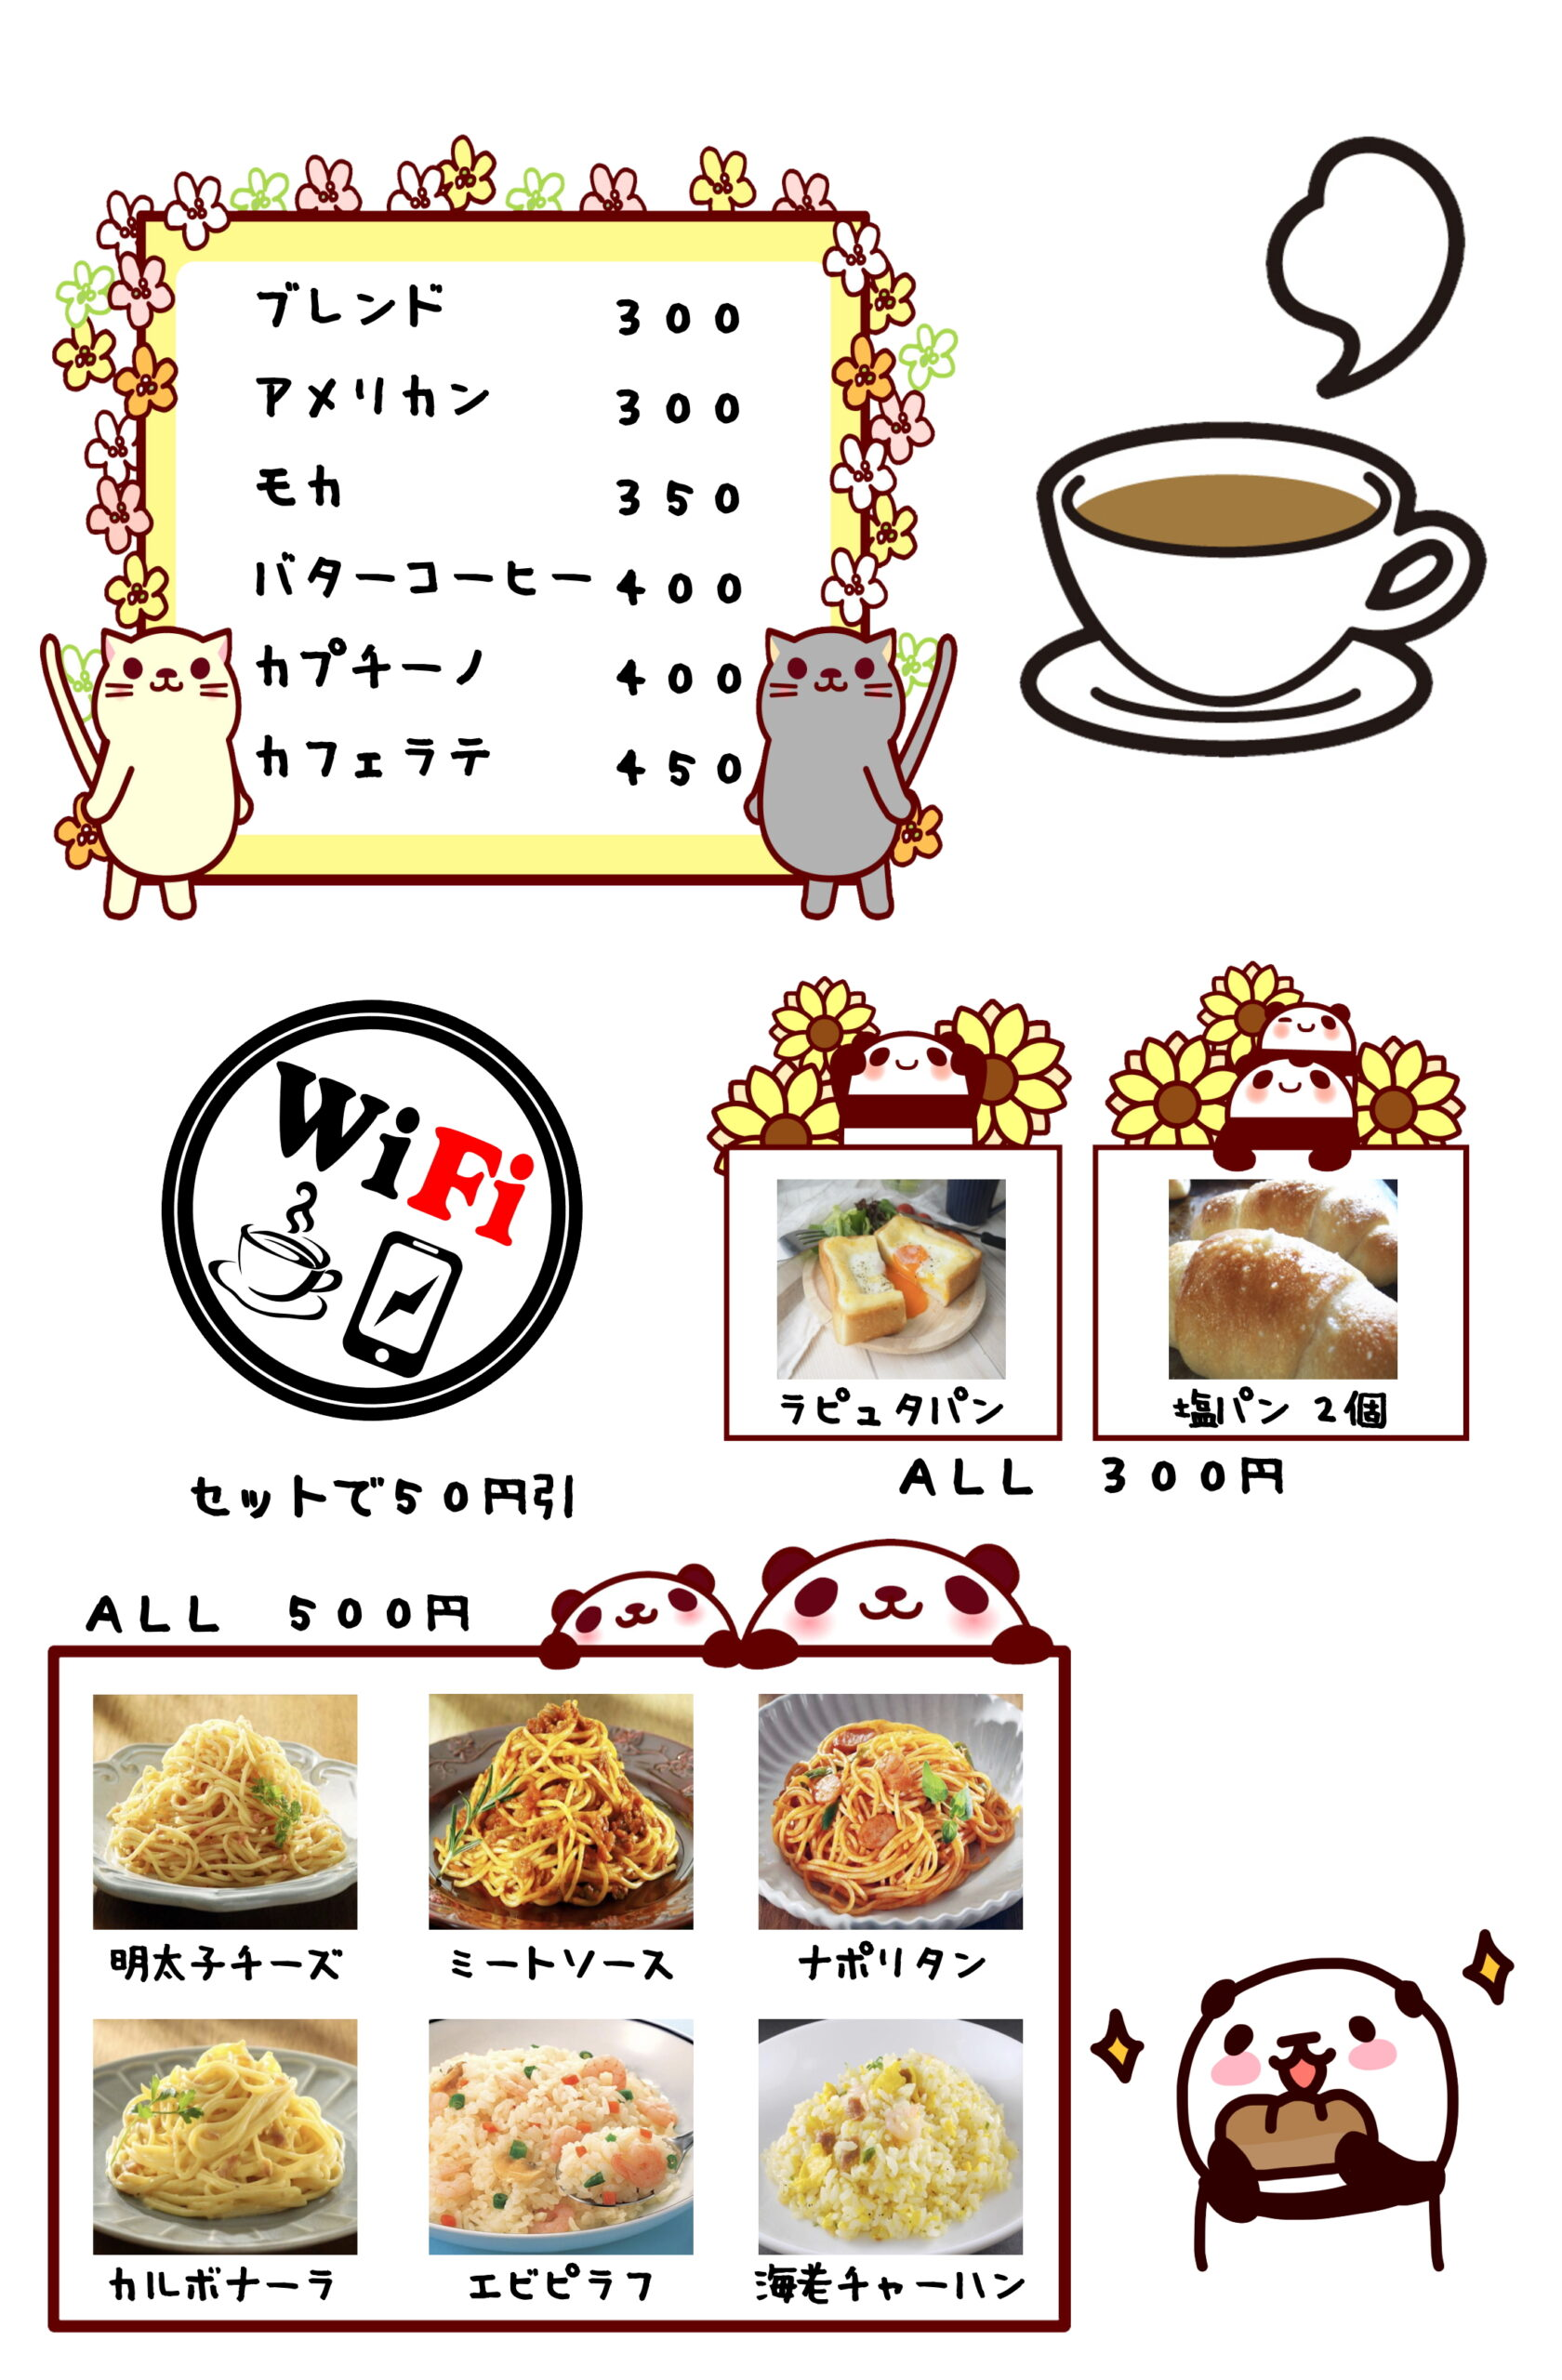 カフェ メニュー